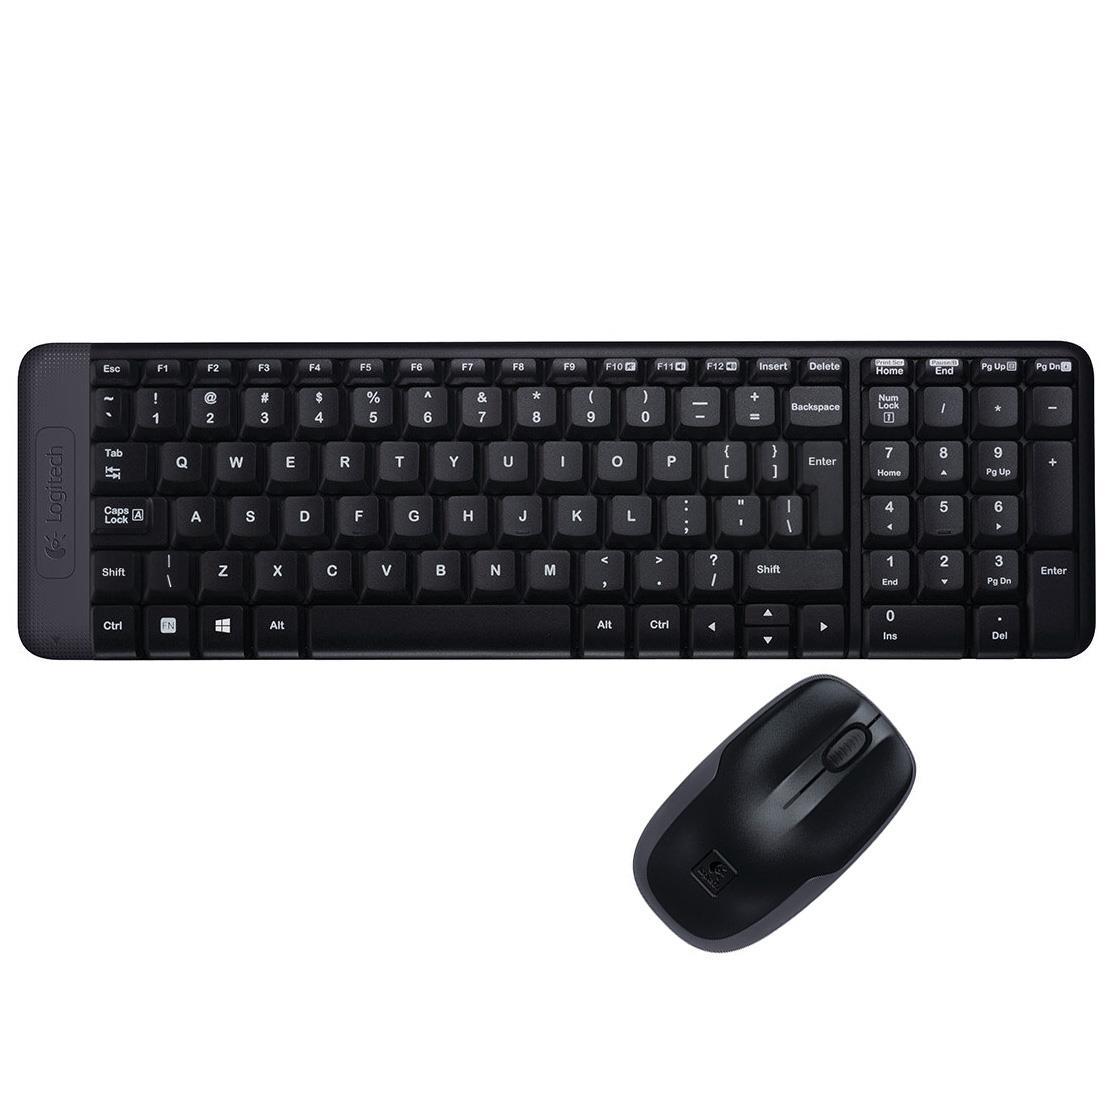 Zestaw bezprzewodowy klawiatura + mysz Logitech MK220 czarny (1)